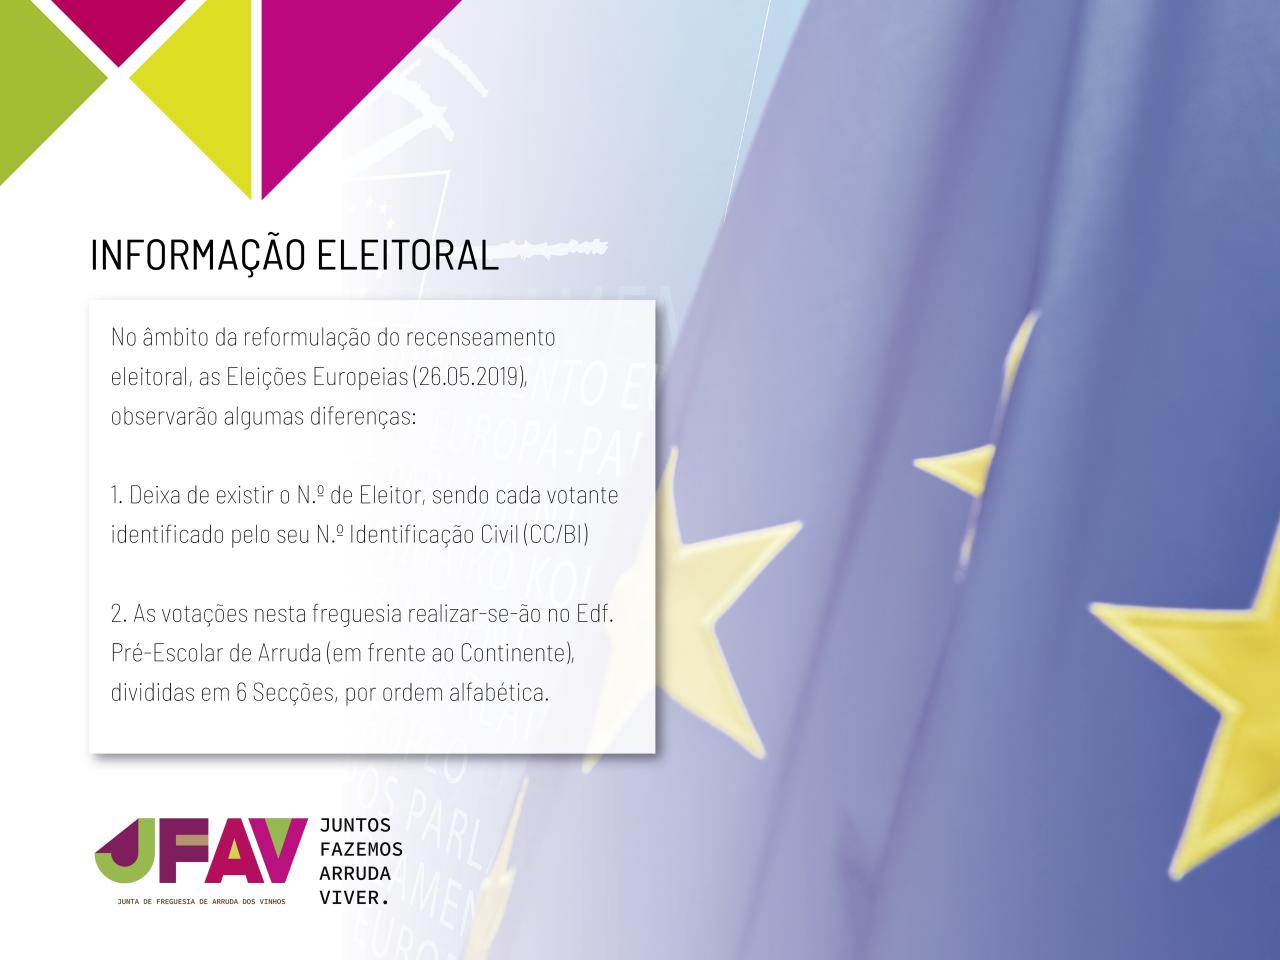 Eleições Europeias trazem novidades no recenseamento e votação